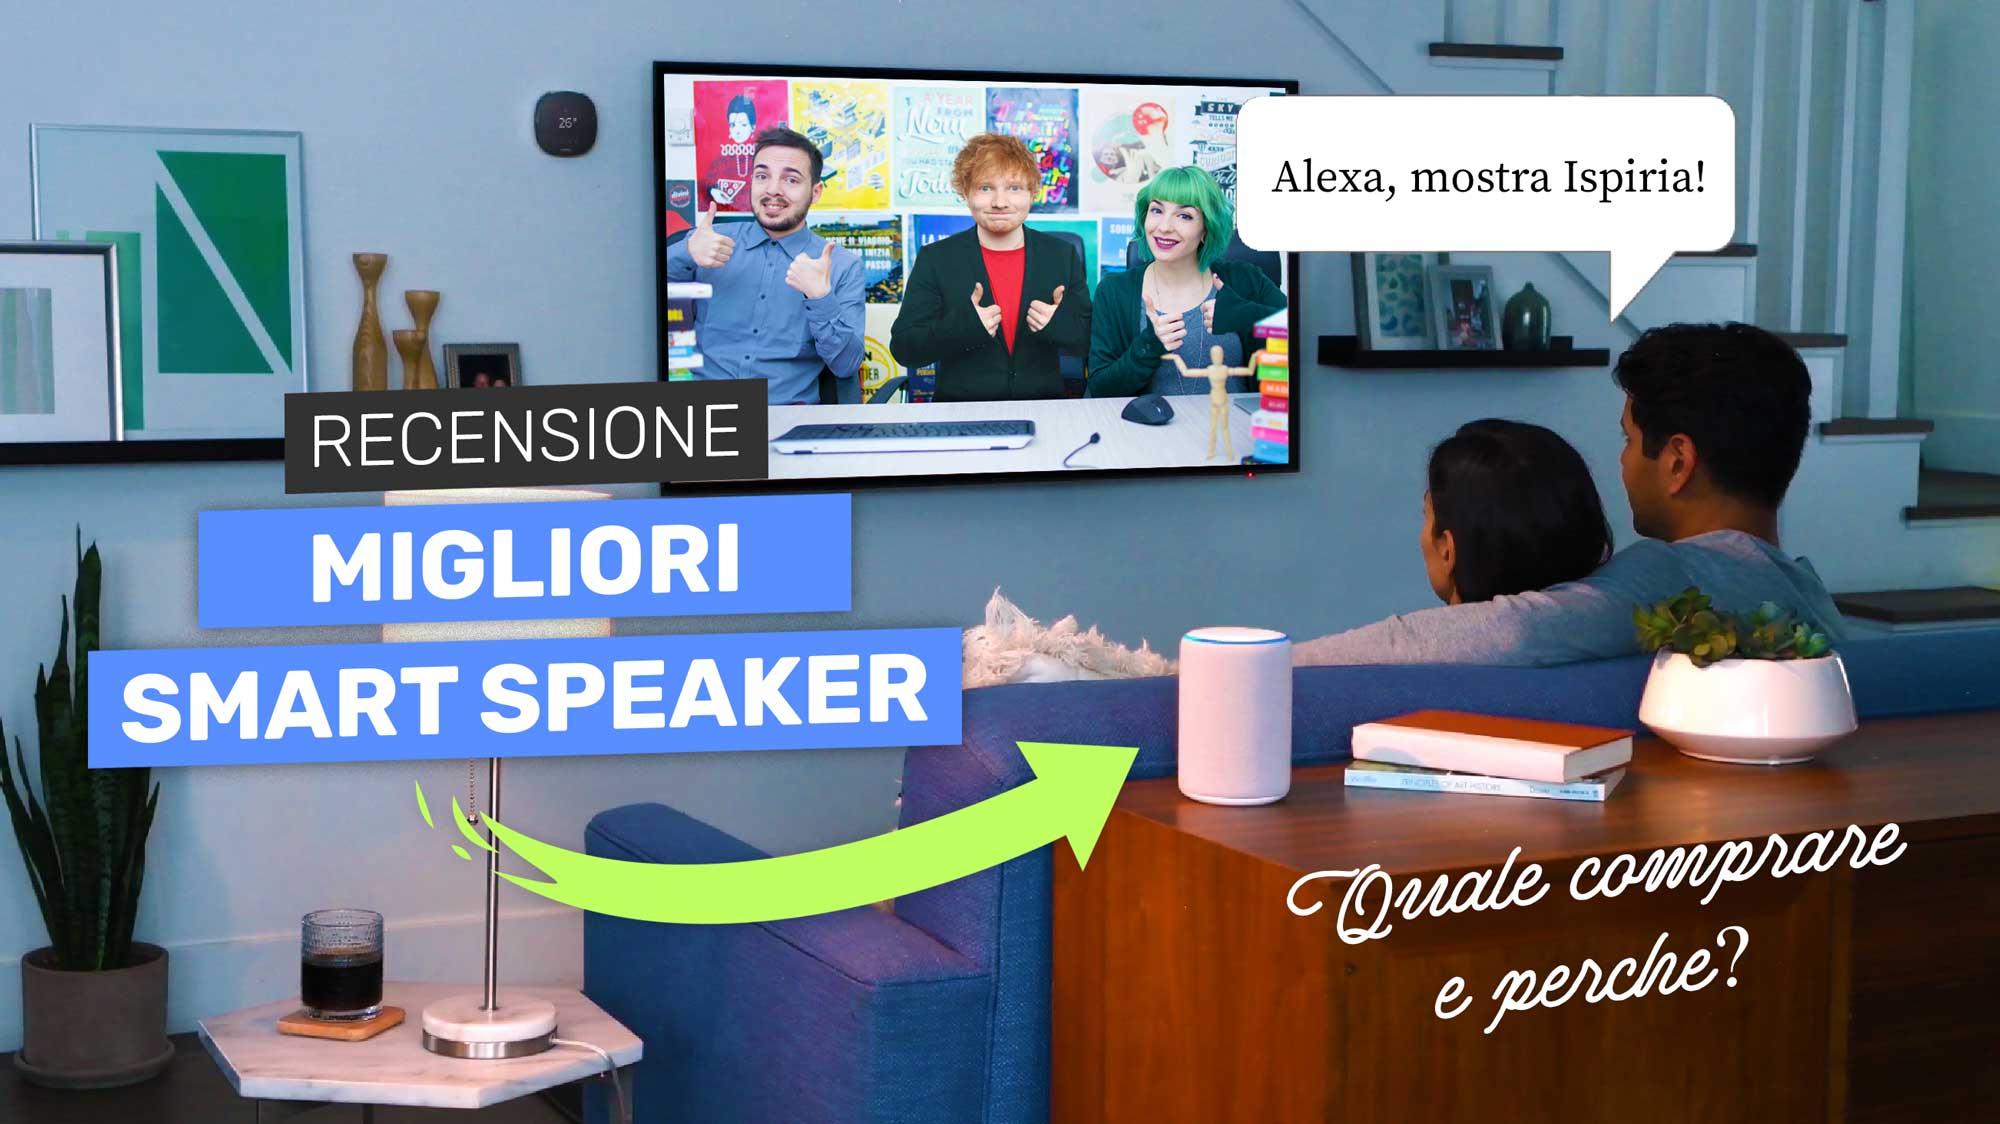 Migliori smart speaker, quale comprare e perché?